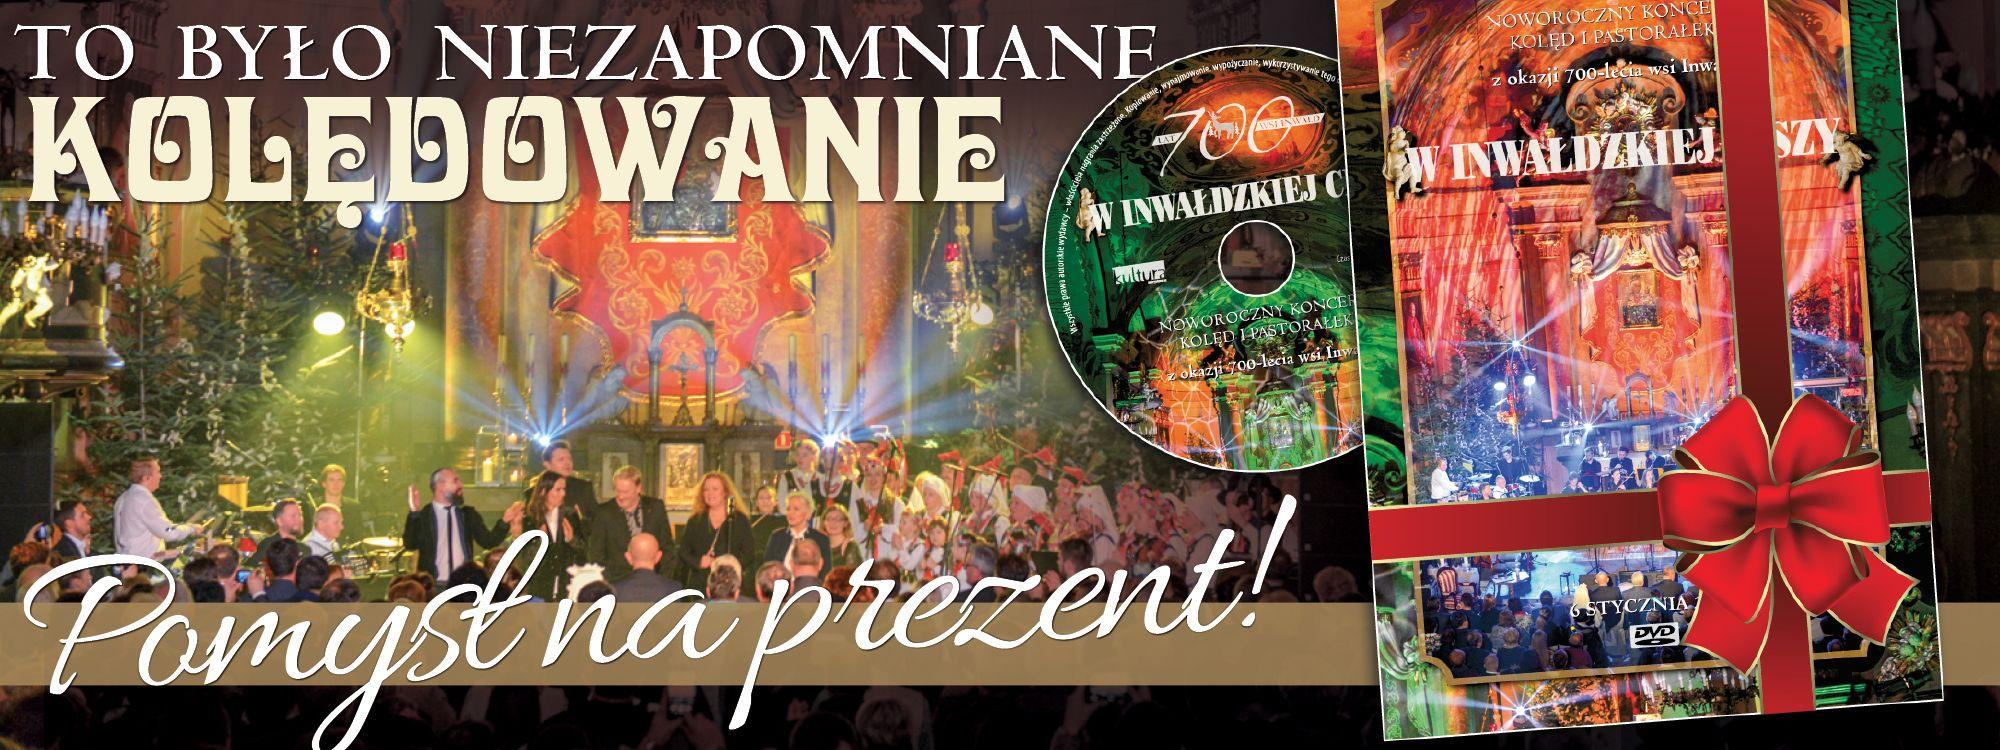 Na świąteczny czas polecamy płytę DVD z niezwykłego inwałdzkiego koncertu!